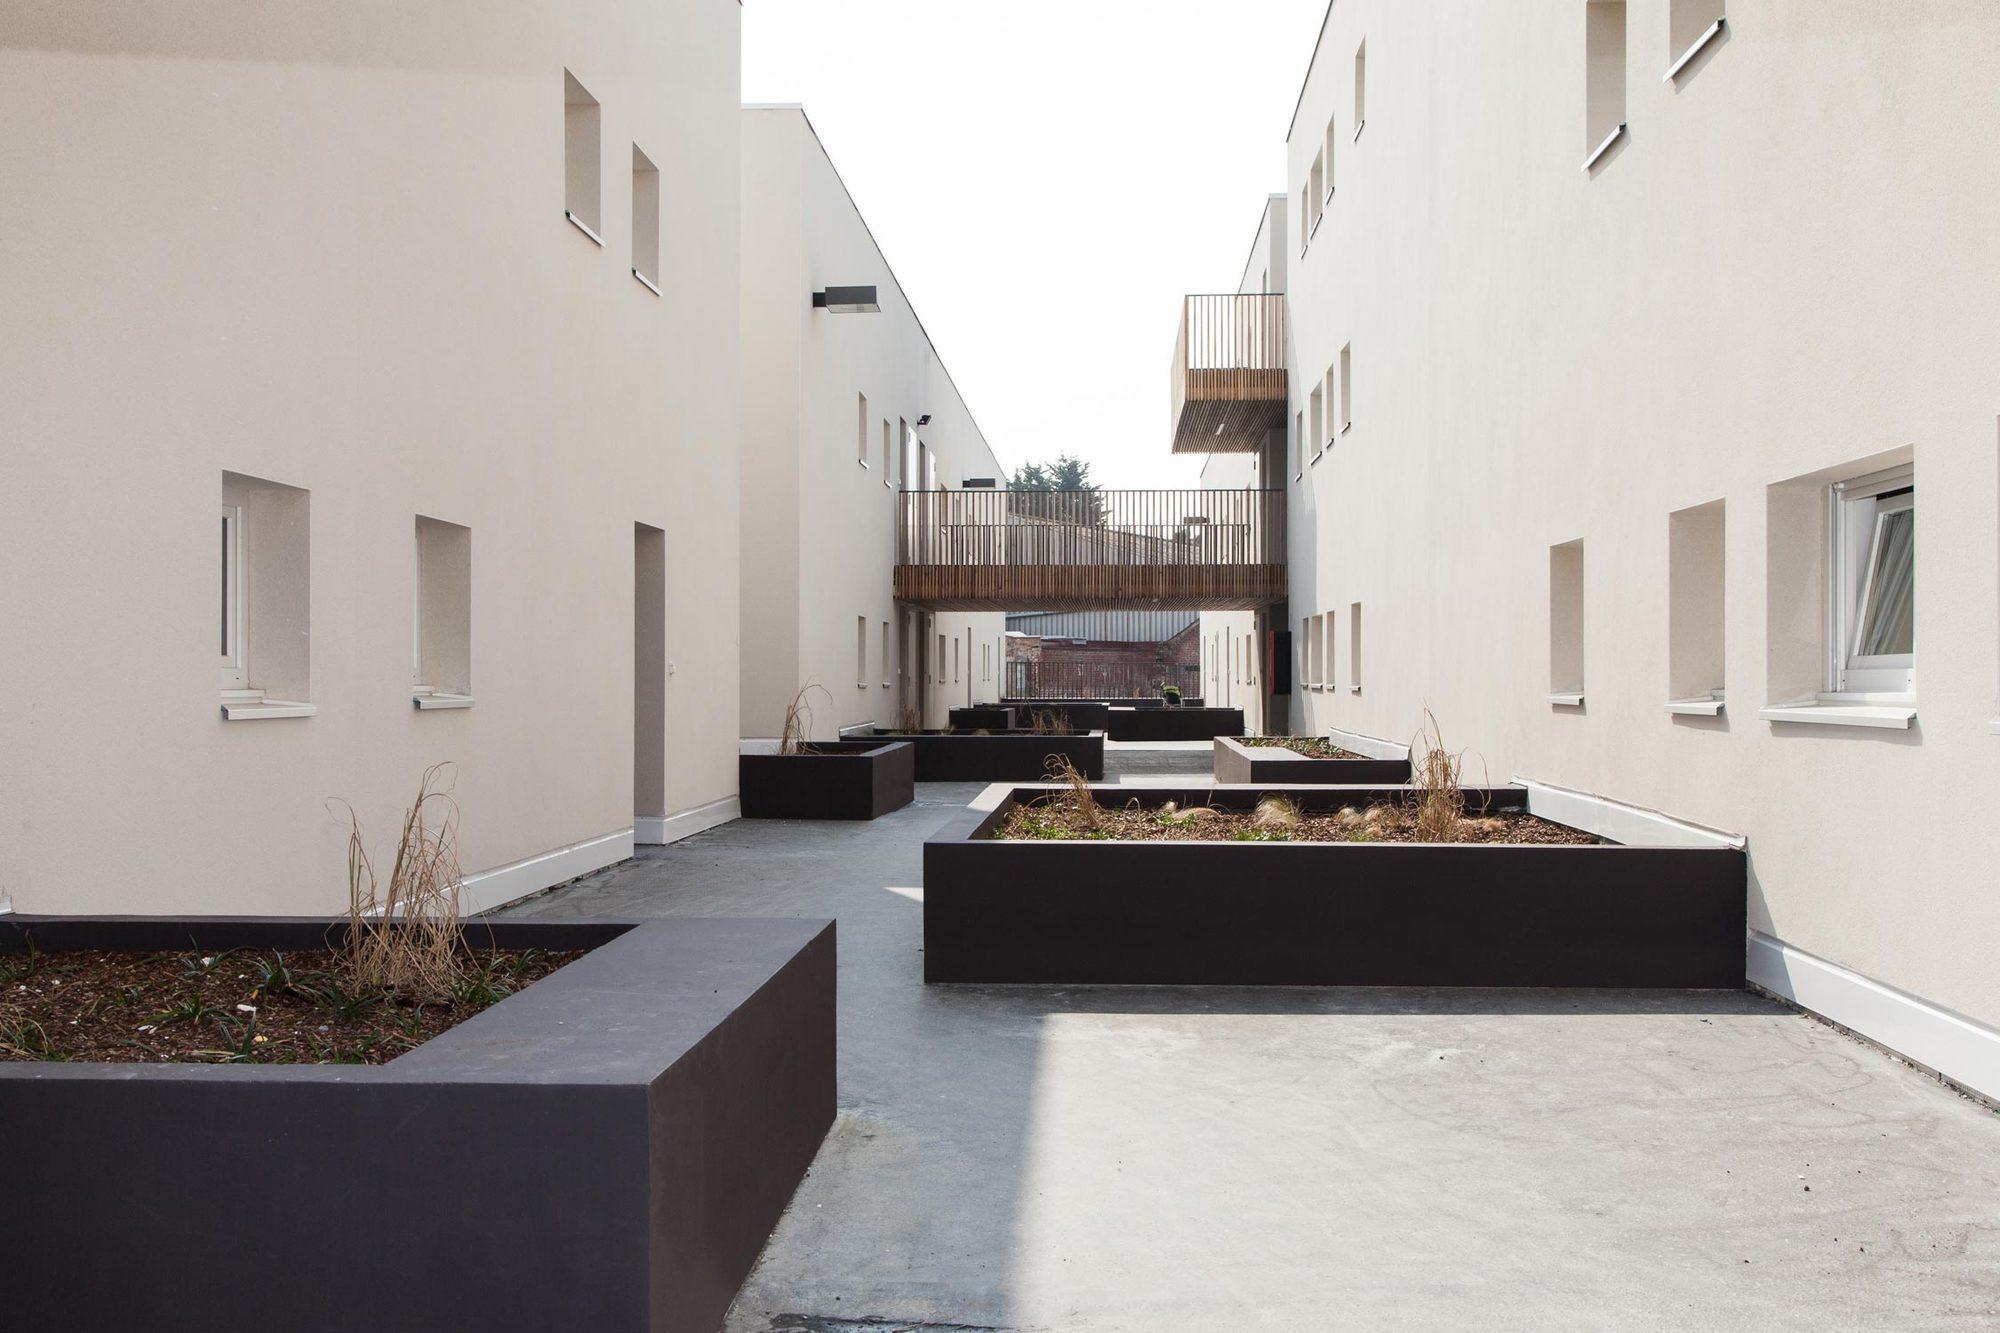 Viviendas cour e de alzua plataforma arquitectura for Plataforma de arquitectura